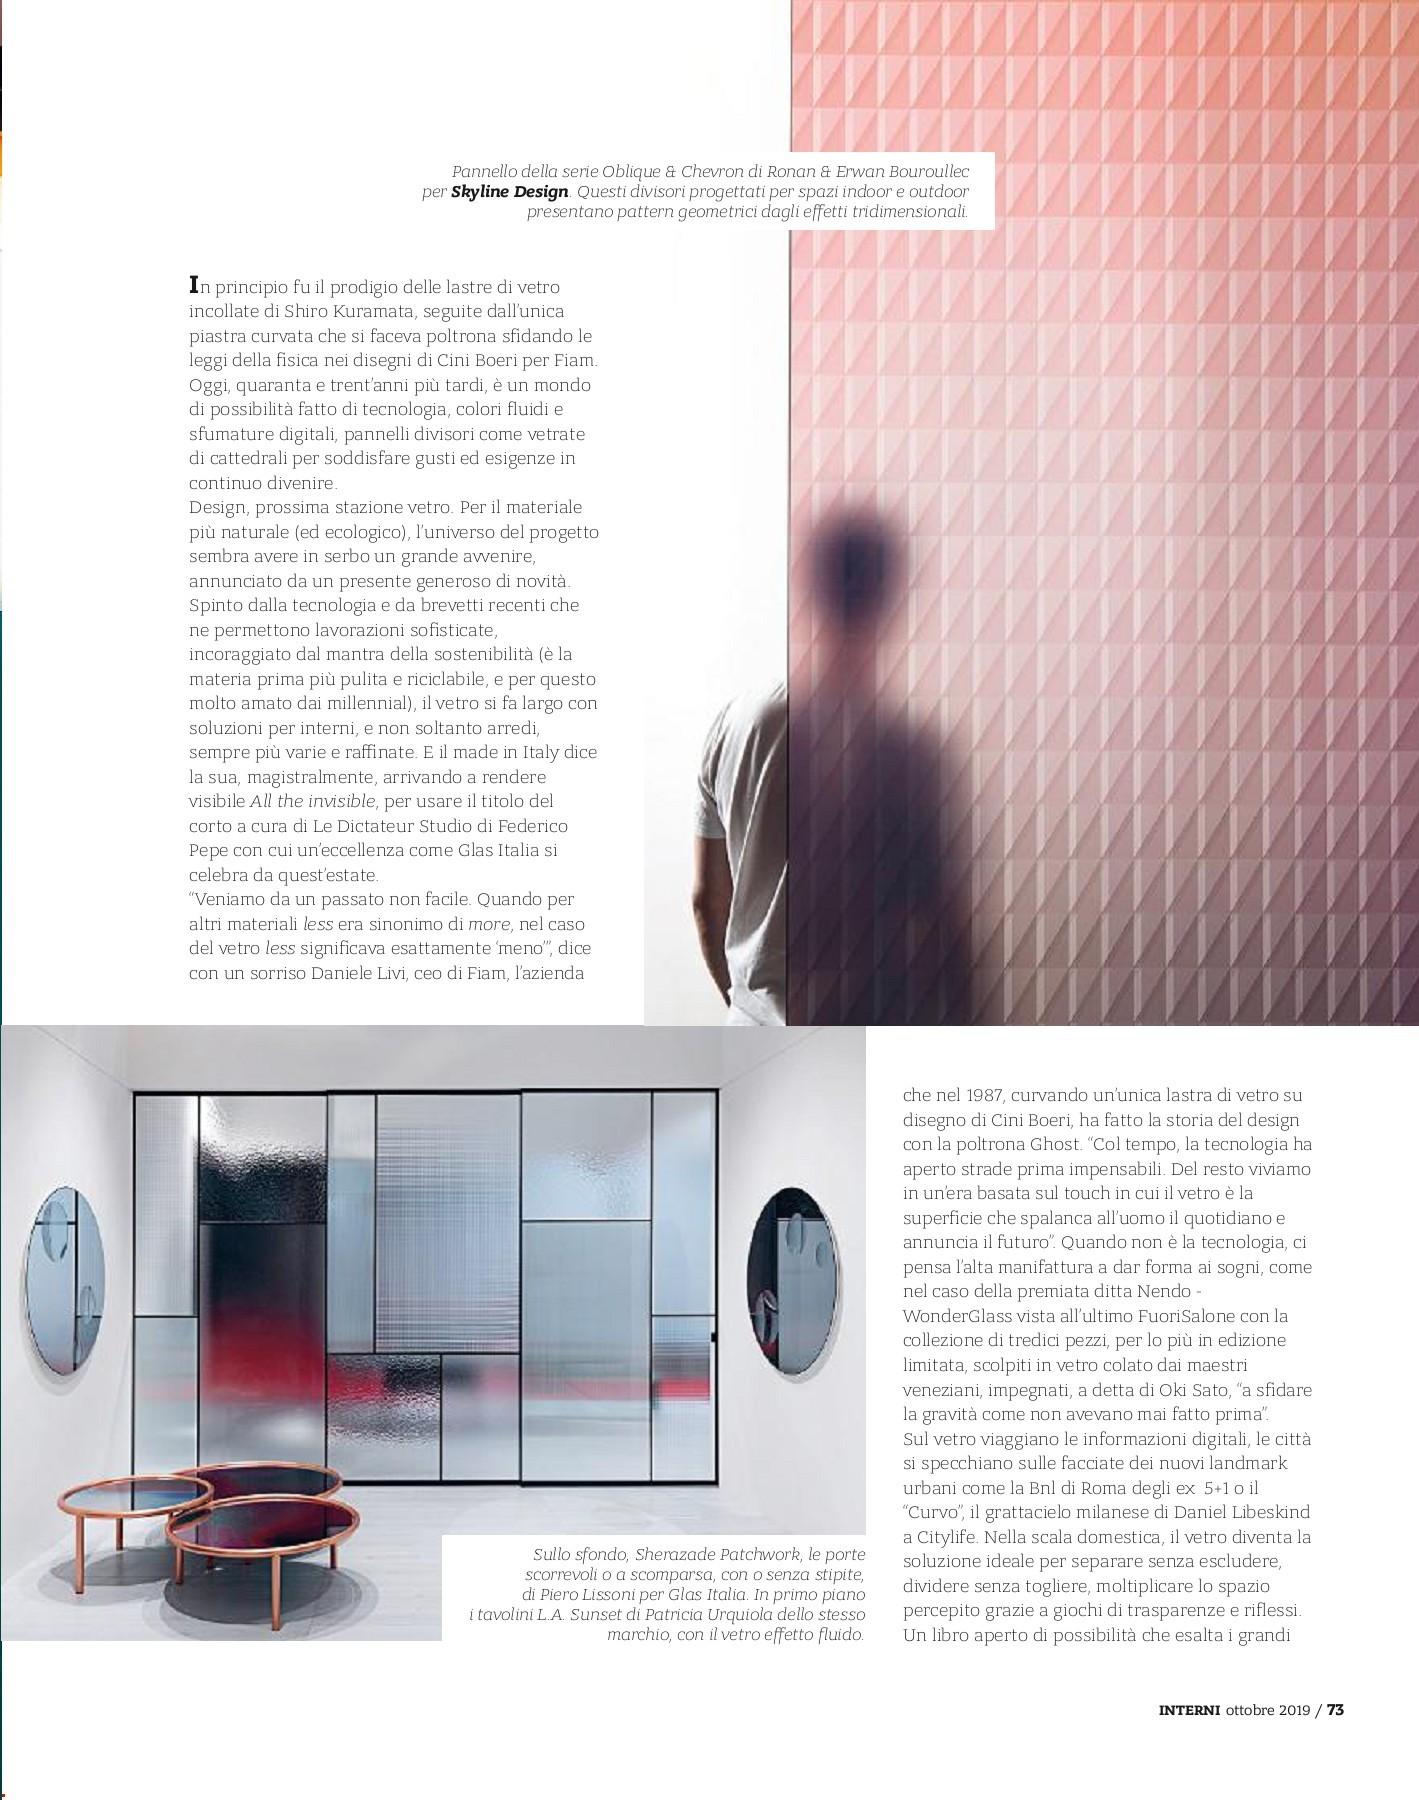 Offerte Lavoro Architetto Treviso interni italia_oct 2019-flip book pages 201-250 | pubhtml5